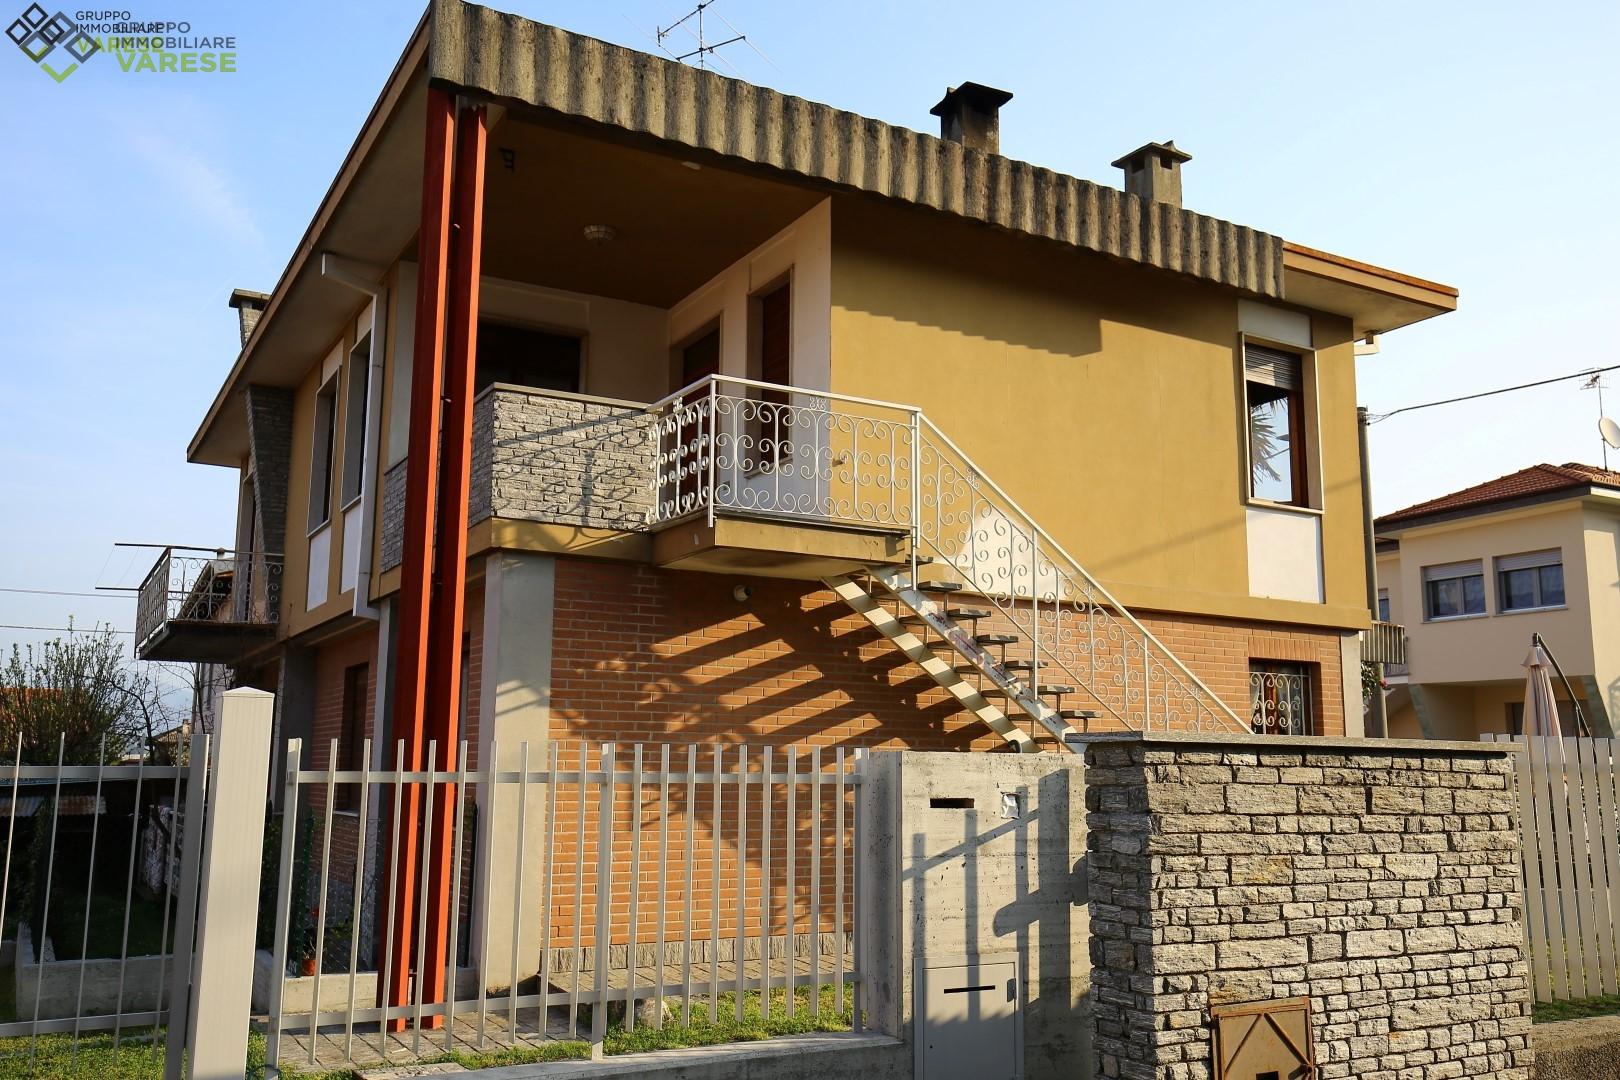 Appartamento in vendita a Varano Borghi, 5 locali, prezzo € 195.000 | CambioCasa.it